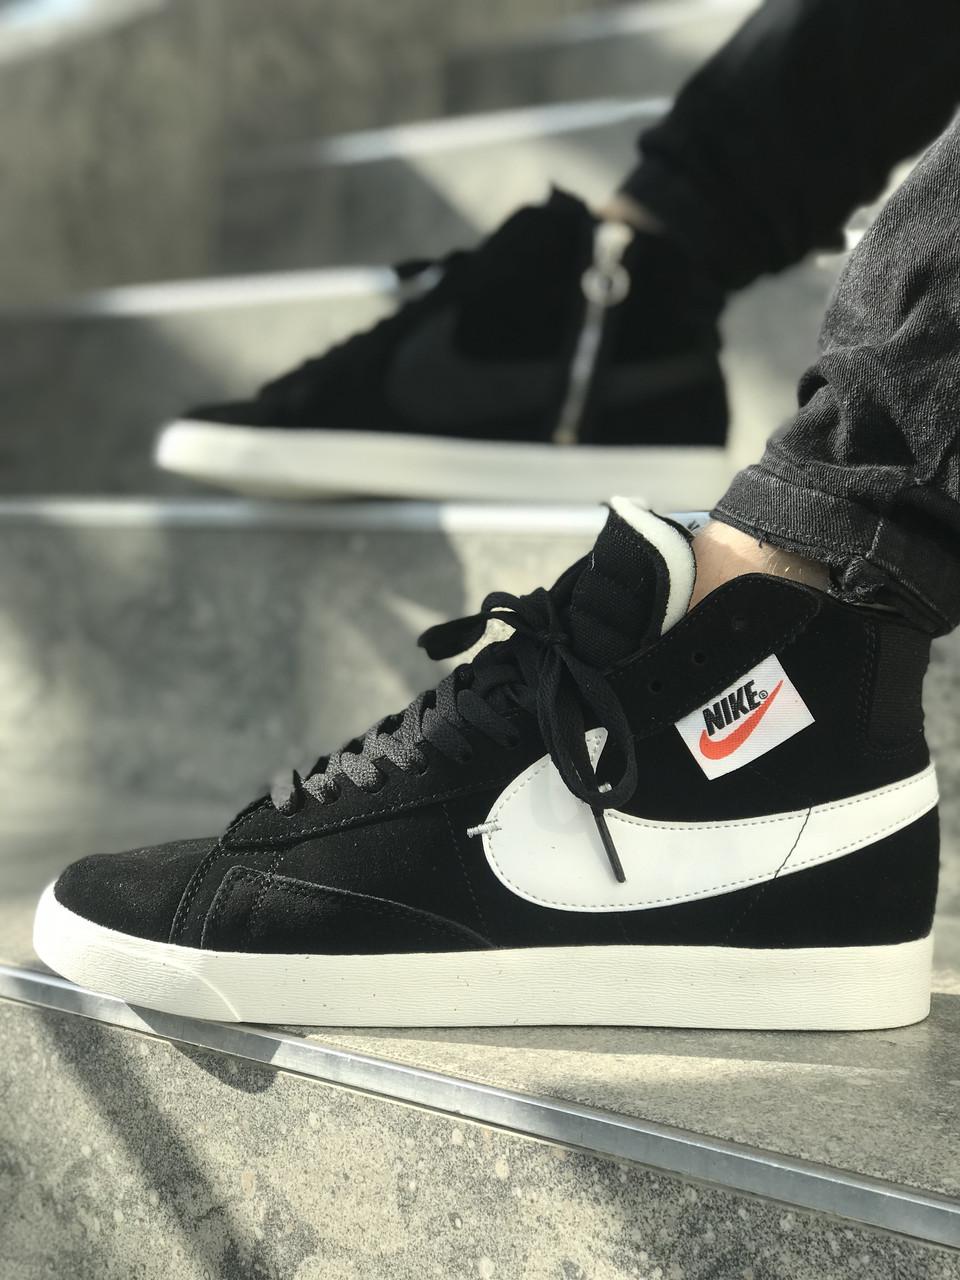 6645b521 Мужские Кроссовки Nike Blazer Найк Блейзер (реплика): продажа, цена ...